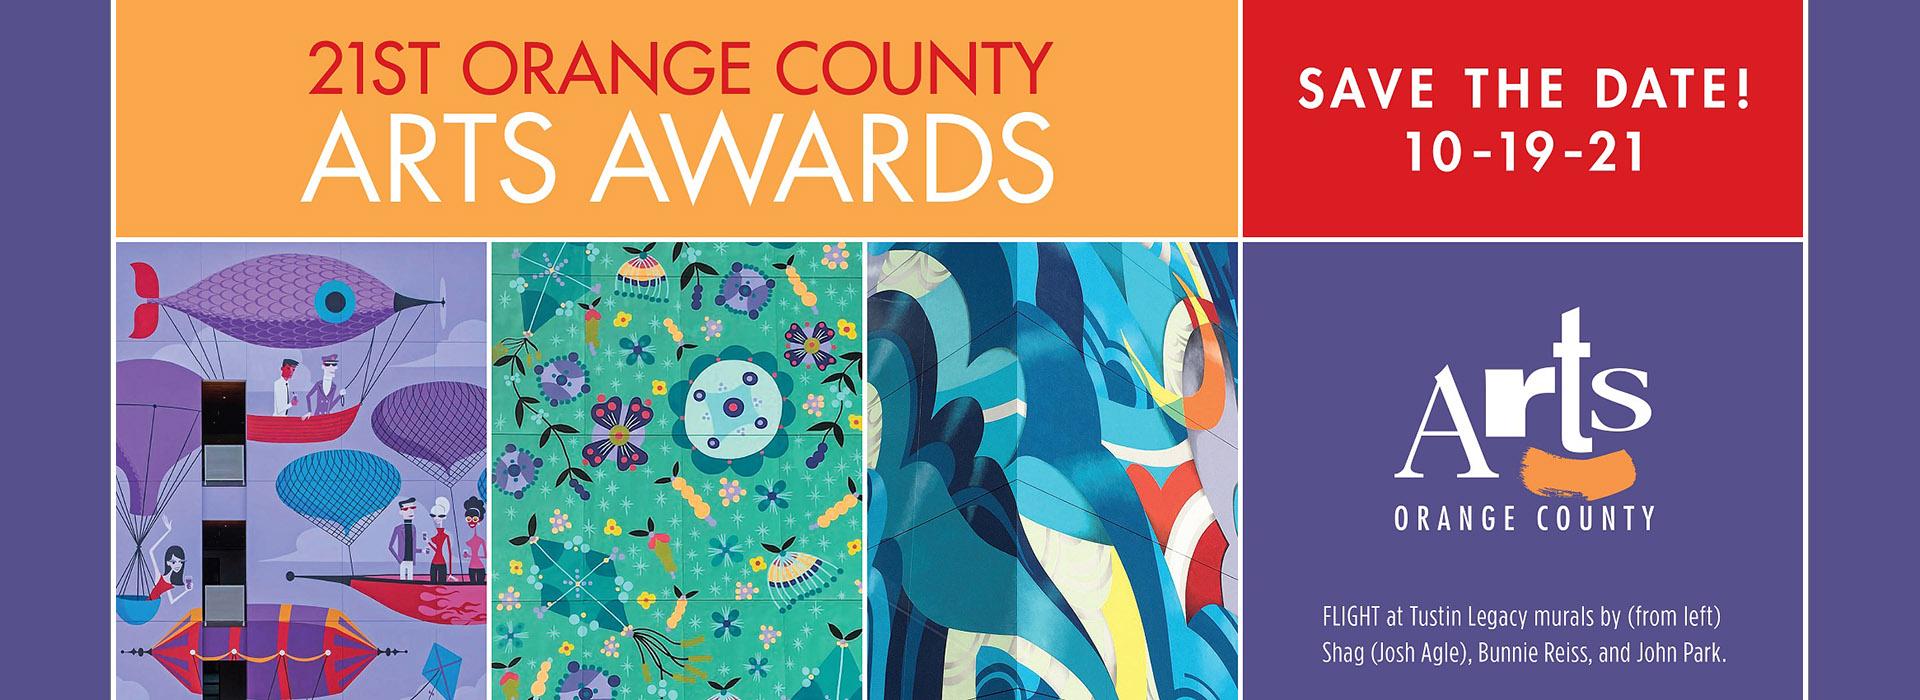 2021 Arts Awards